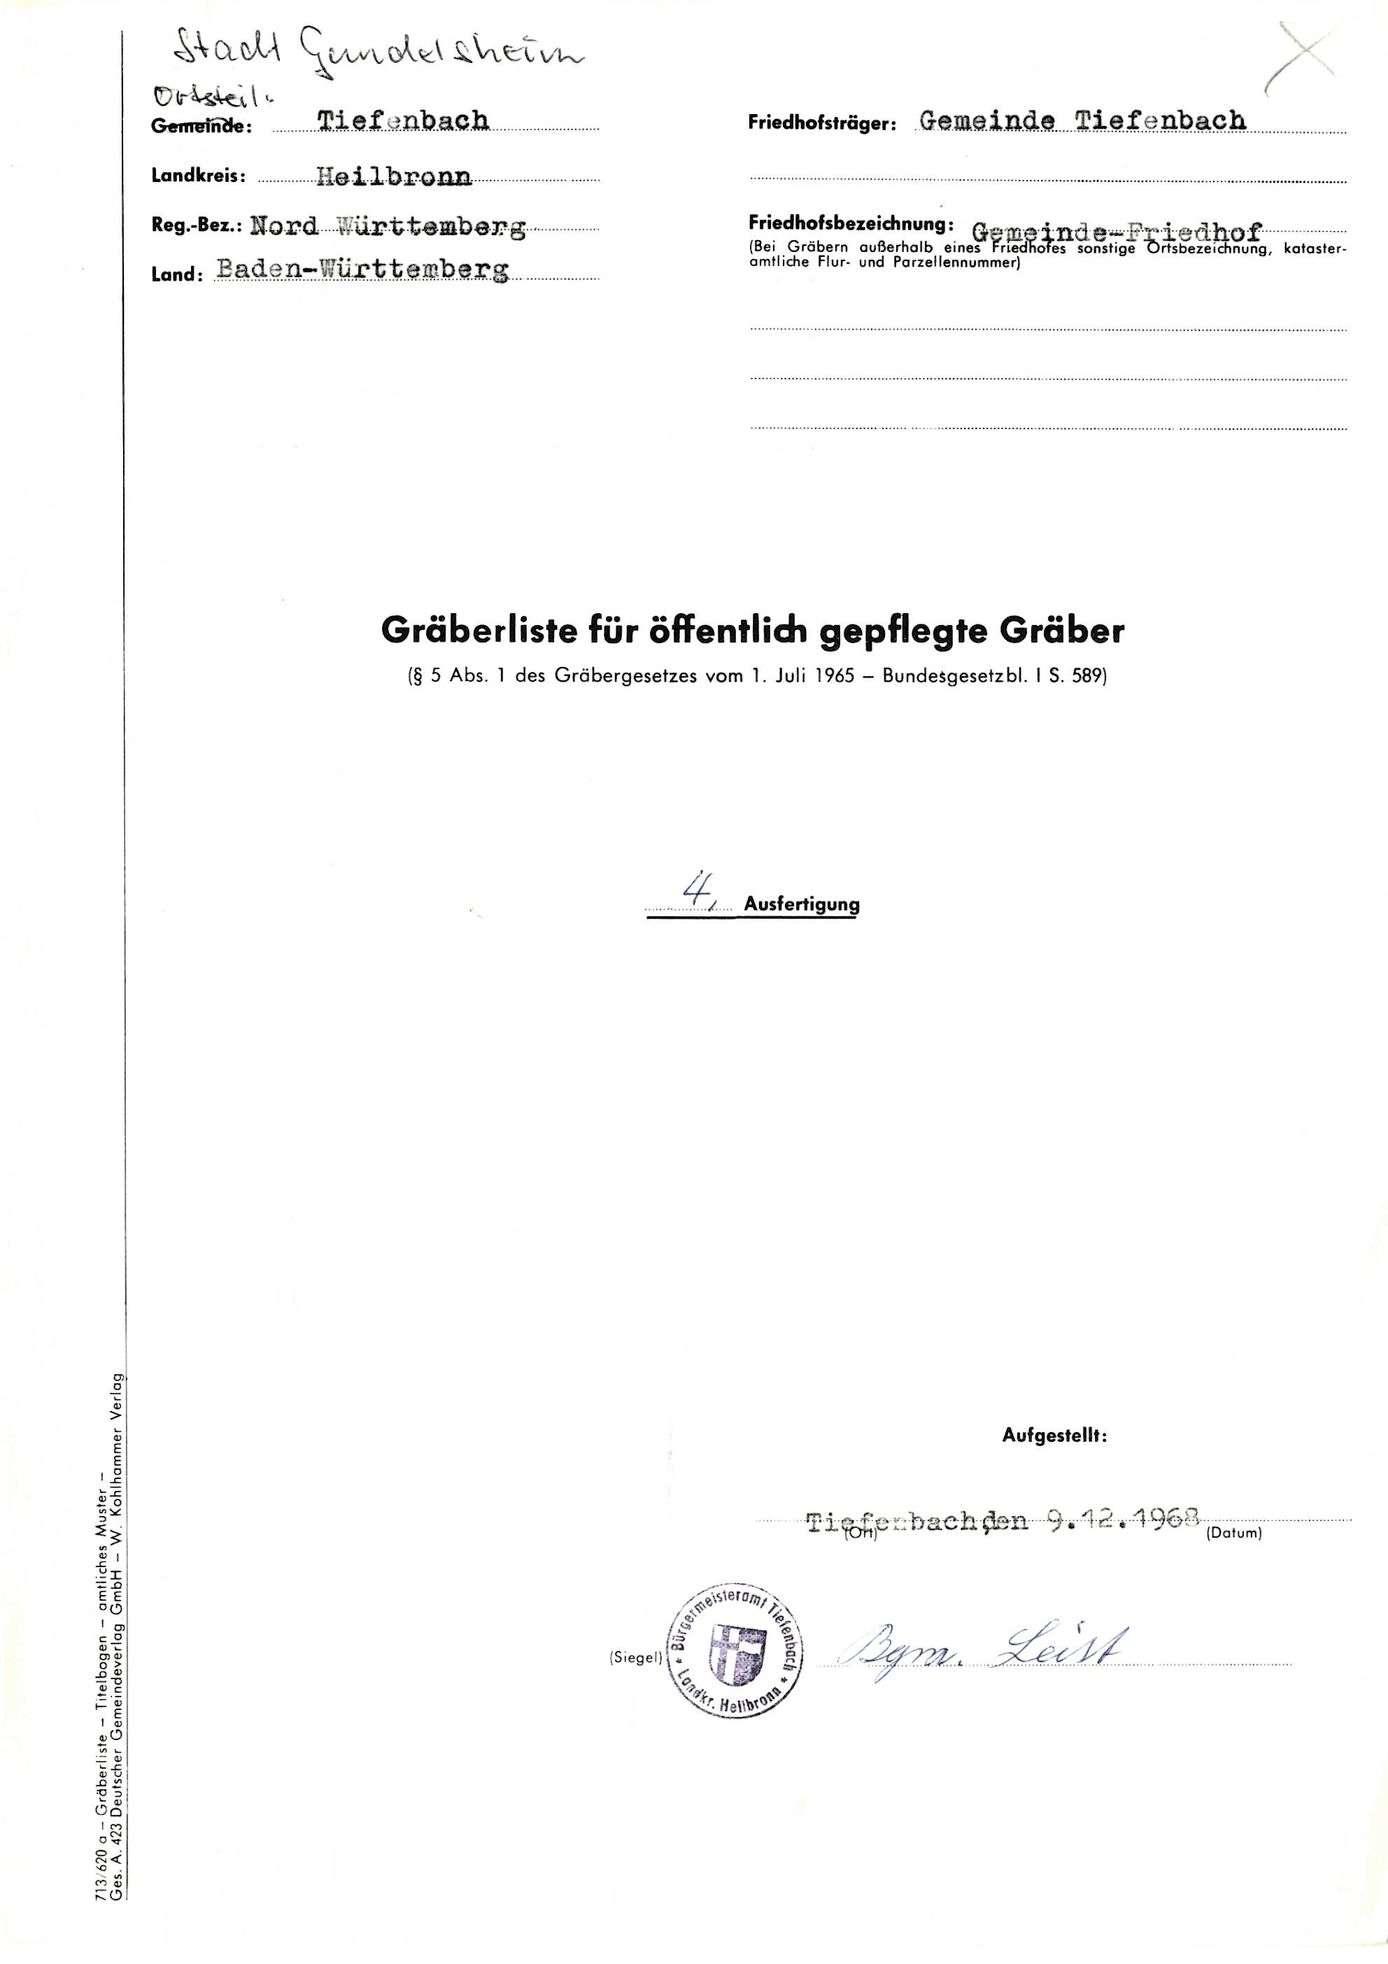 Tiefenbach, Bild 1